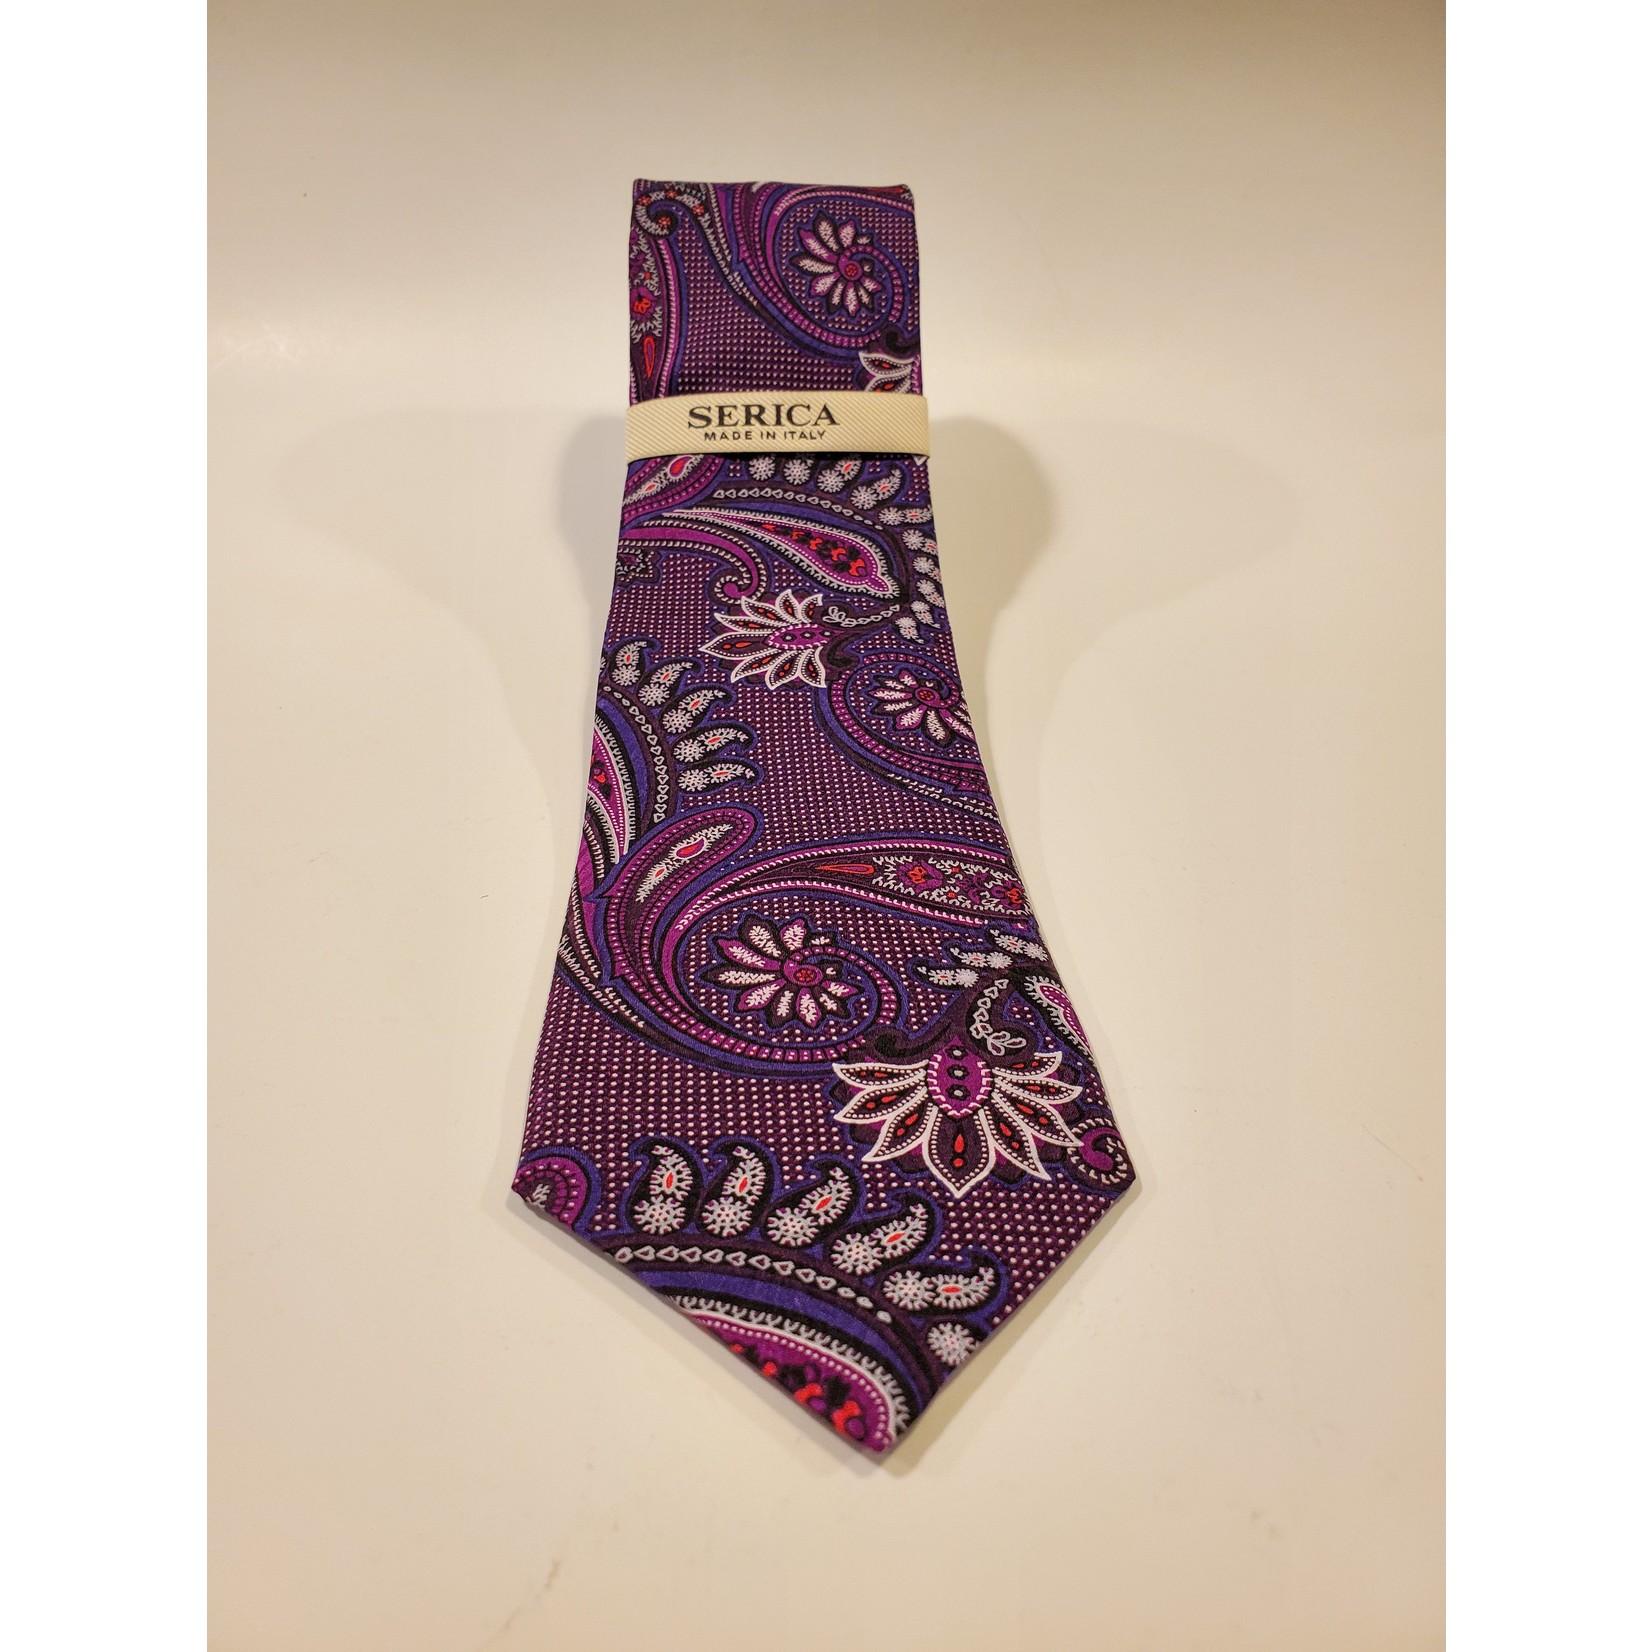 Serica 203217 Printed Silk Tie C - Purple Oversize Paisley